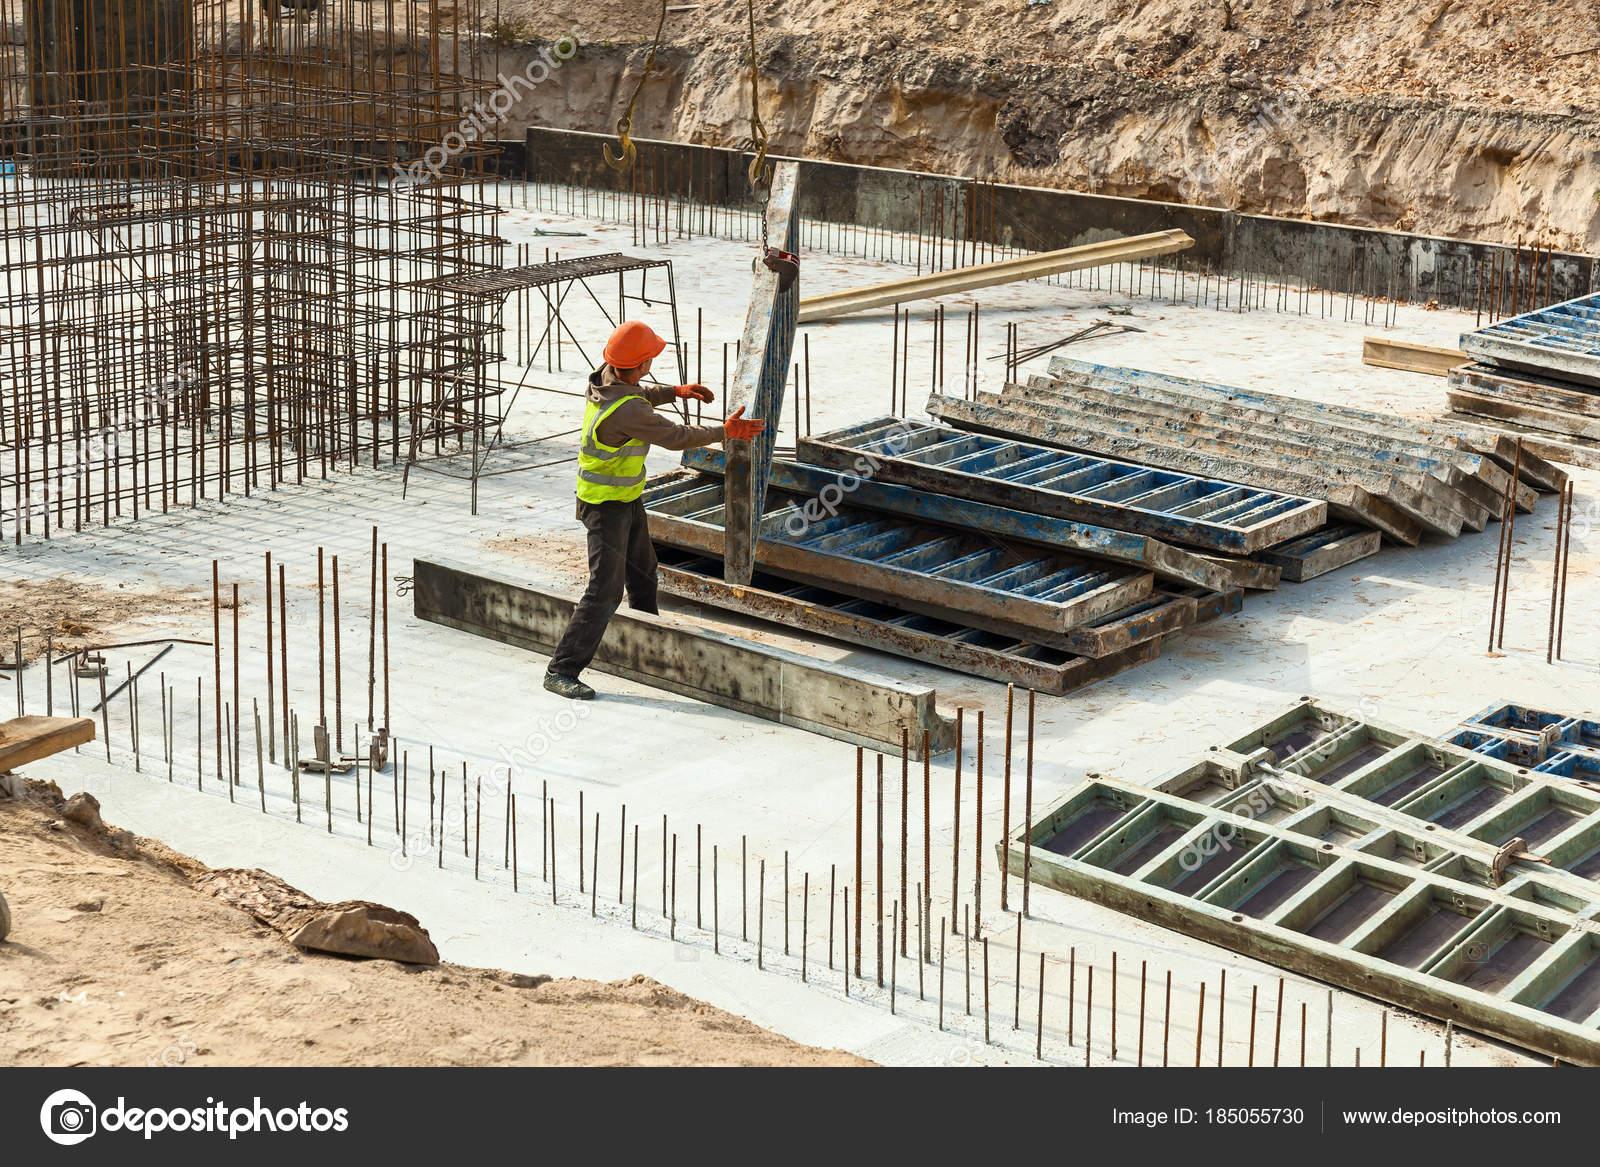 钢筋笼照片_钢筋笼的钢筋混凝土框架结构的设计 — 图库照片©Oleg.0#185055730